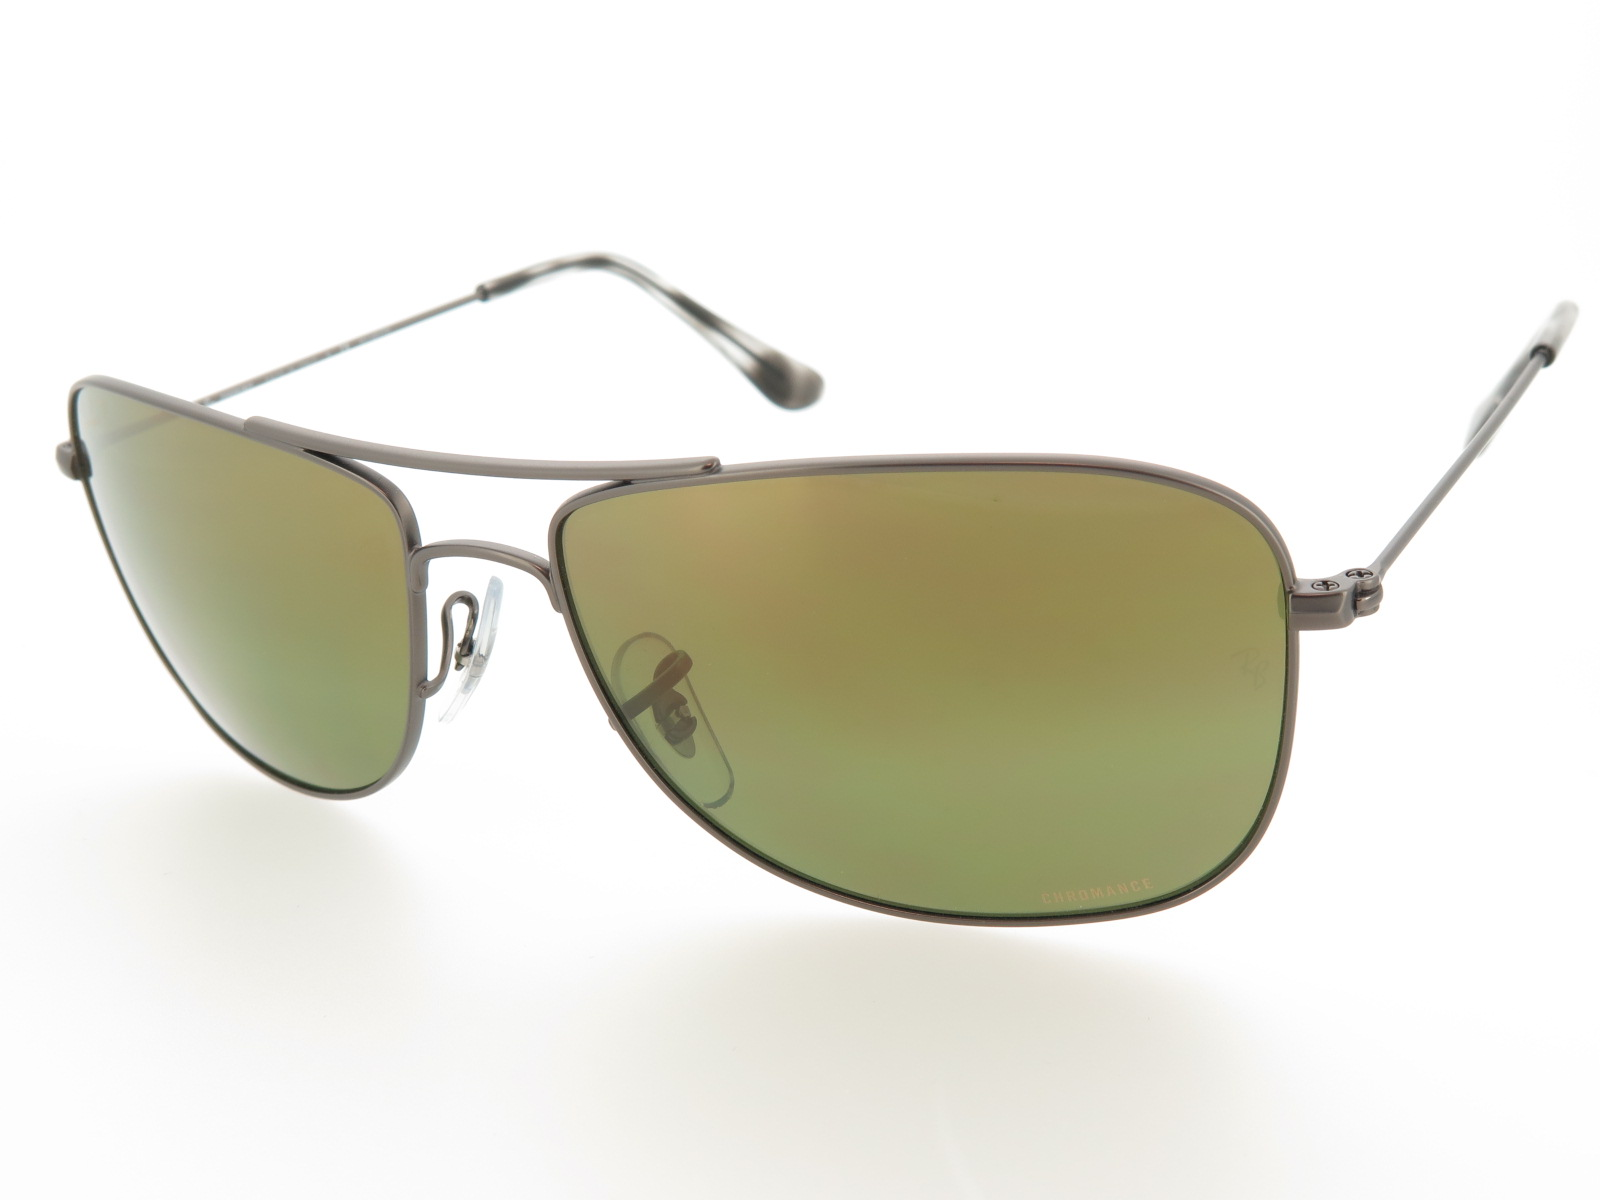 Ray-Ban レイバン ブランドサングラス 偏光レンズ ゴールドミラー RB3543 029/6O 59サイズ